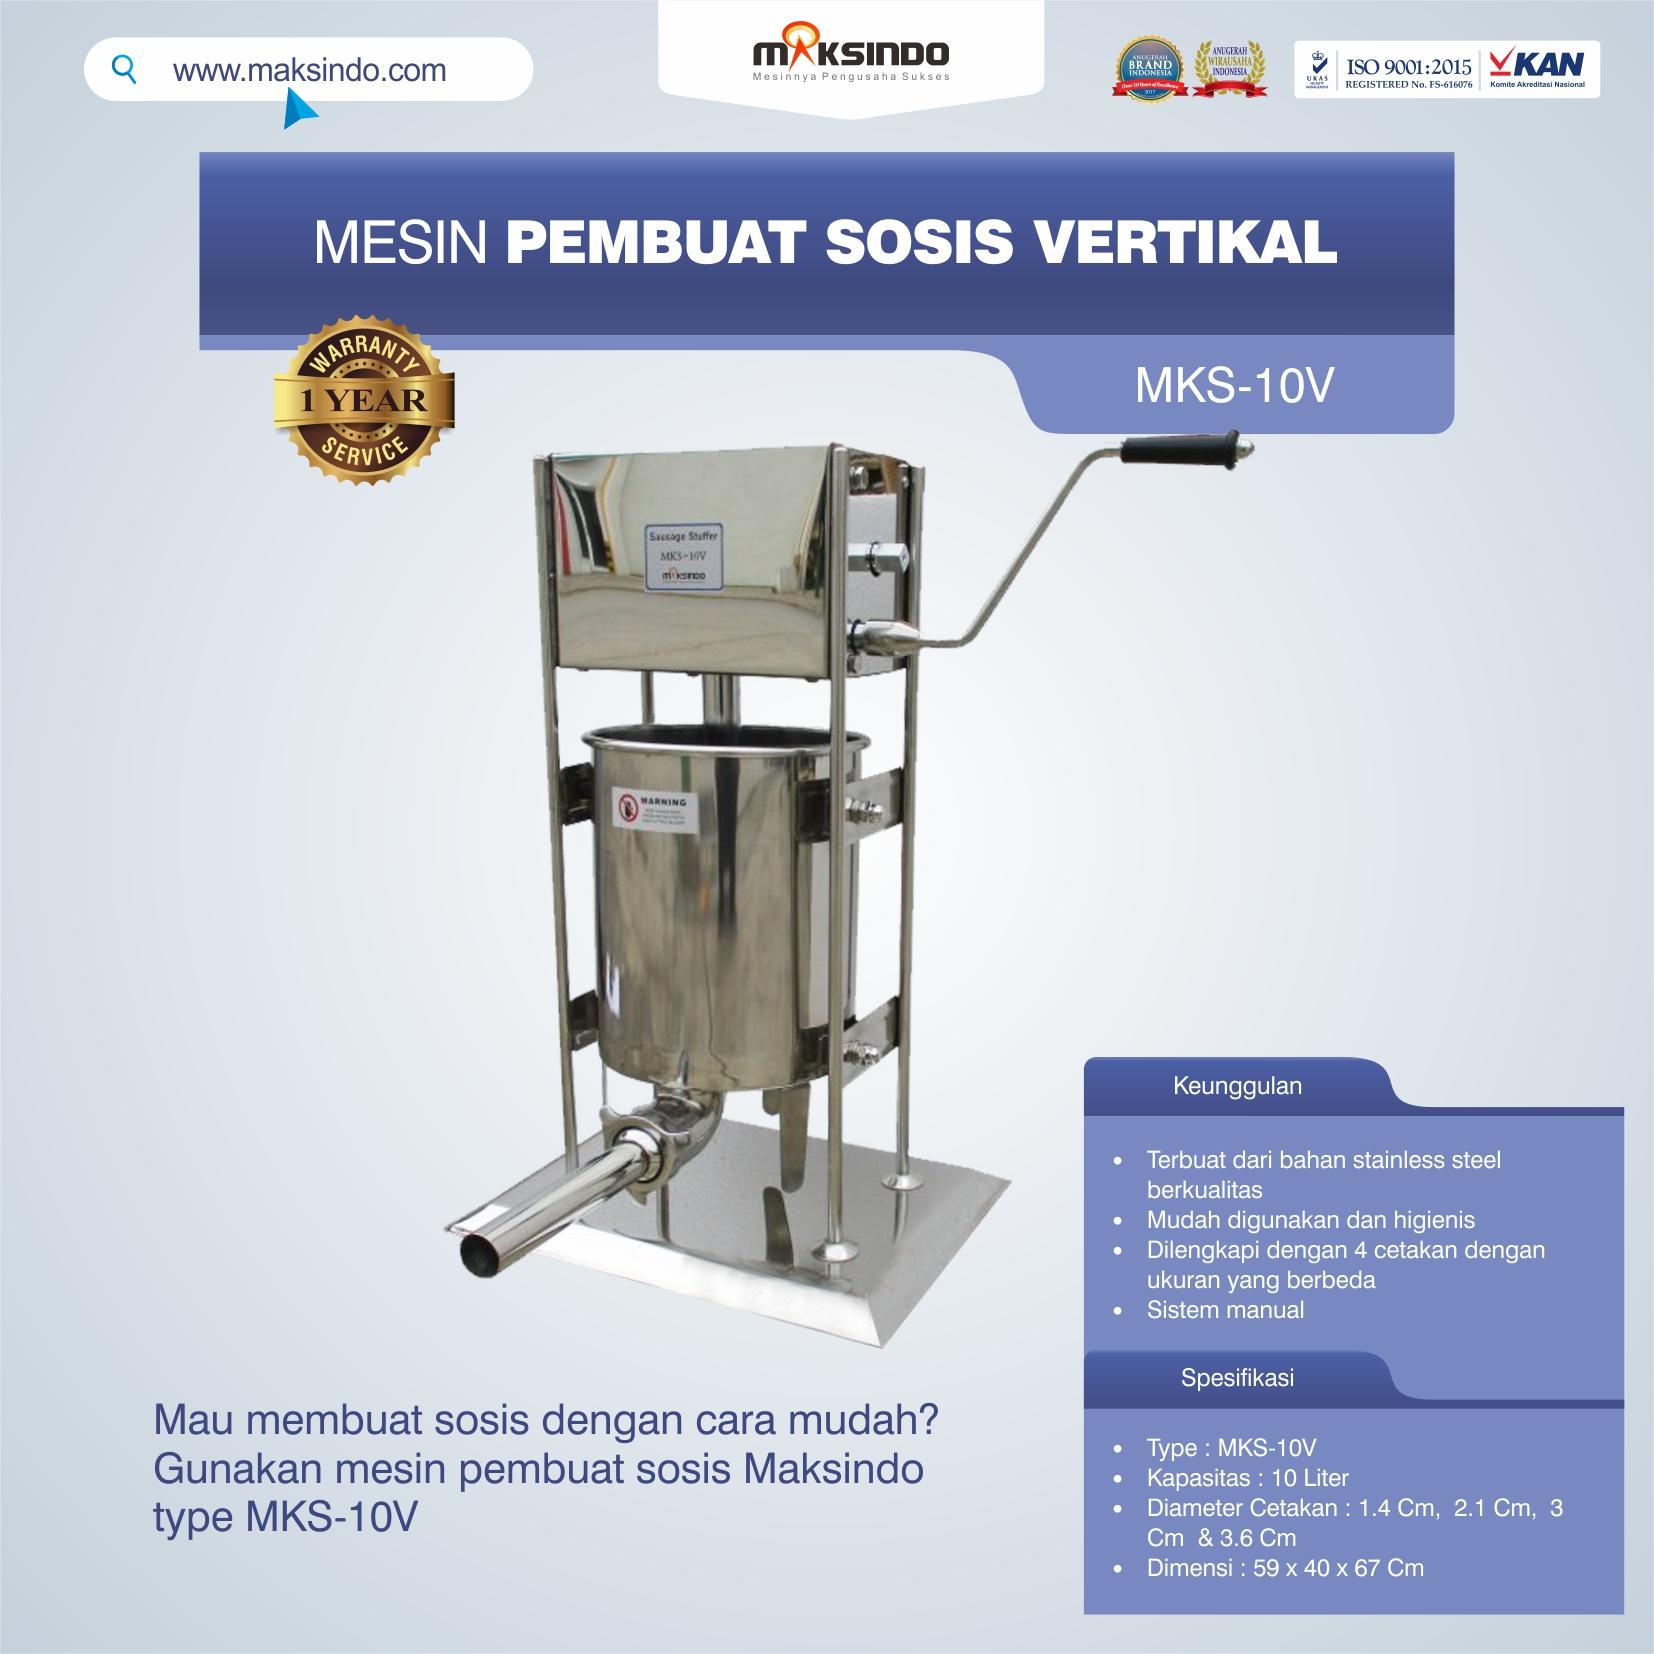 Jual Mesin Pembuat Sosis Vertikal MKS-10V di Bekasi